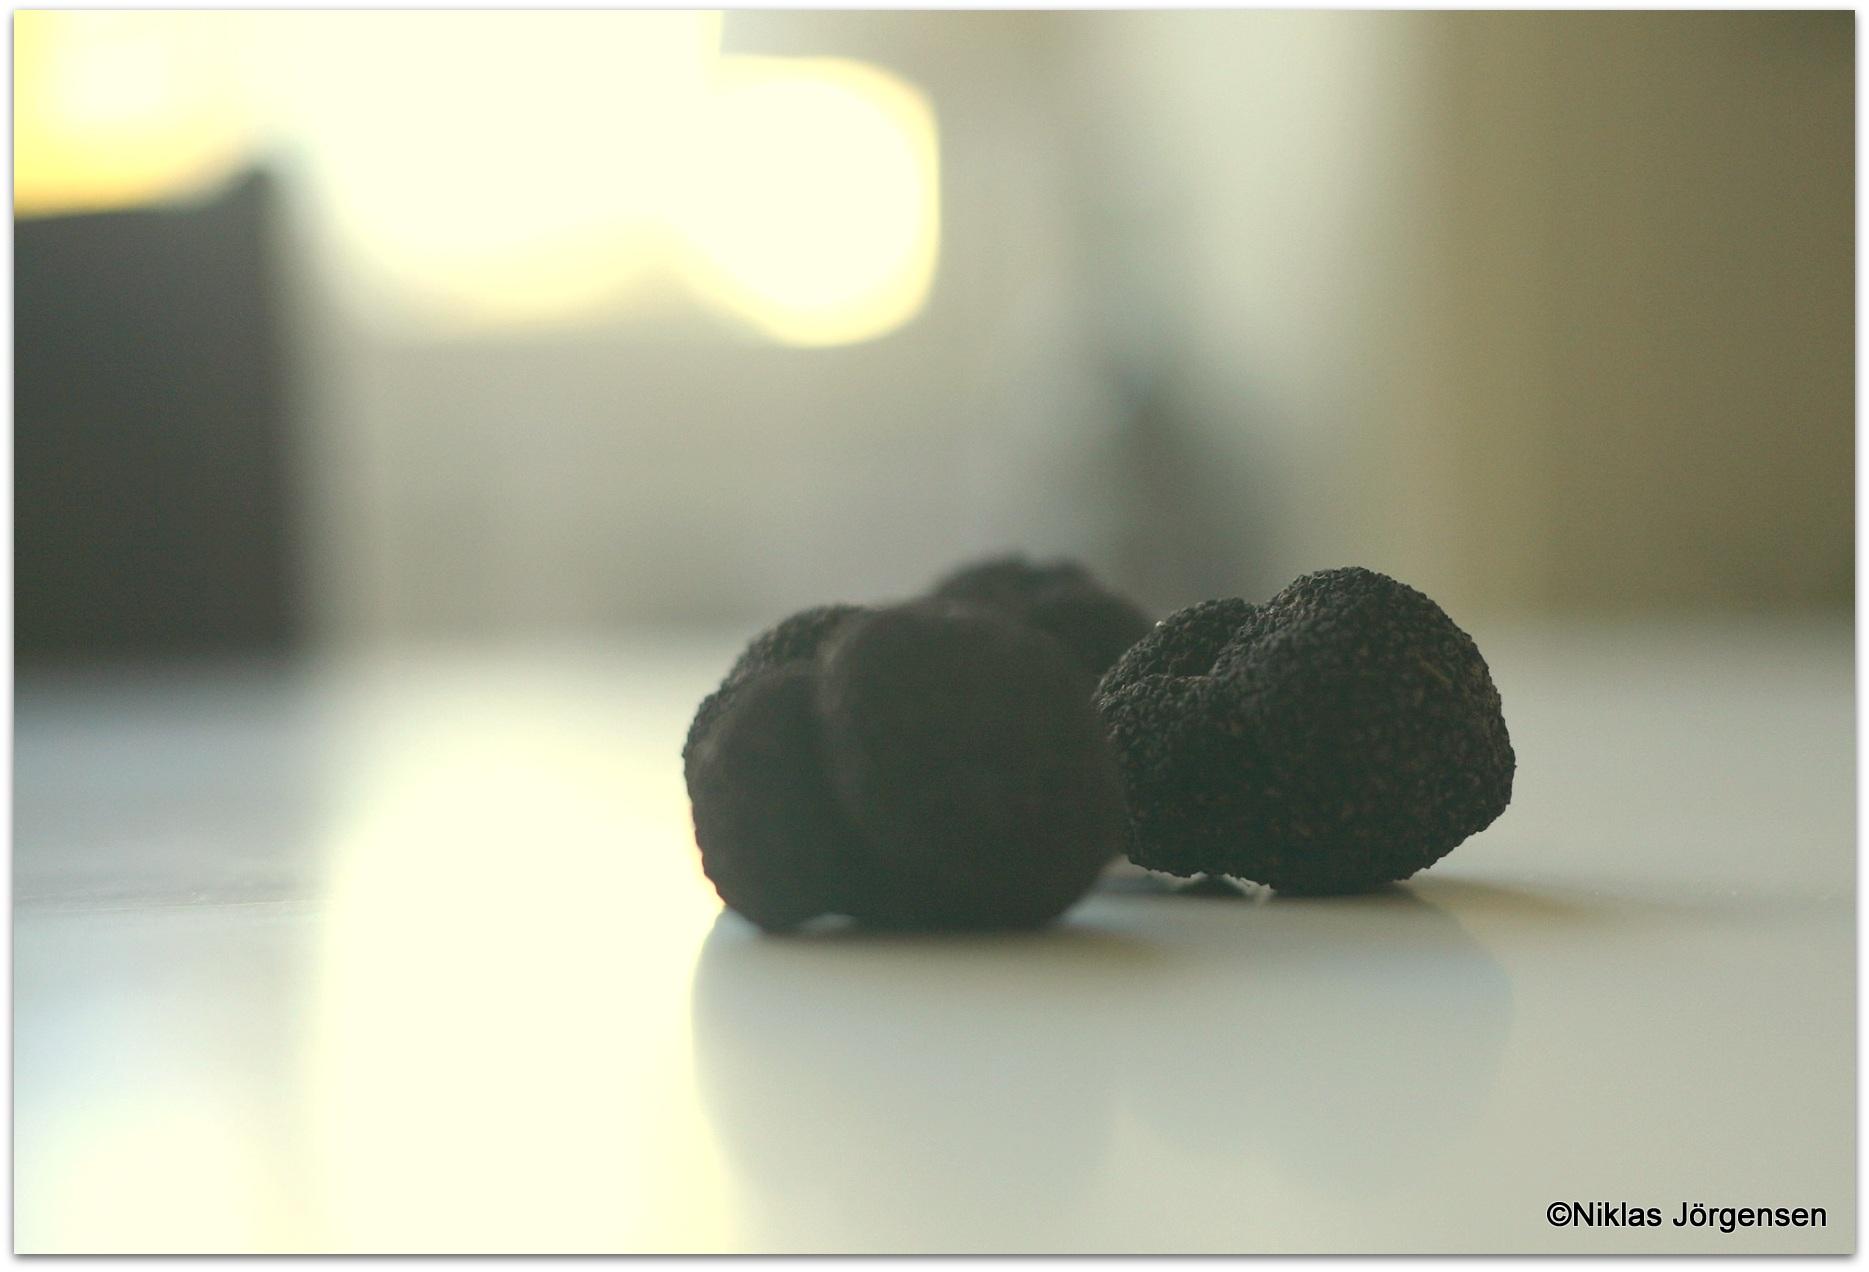 Gotländsk svart tryffel